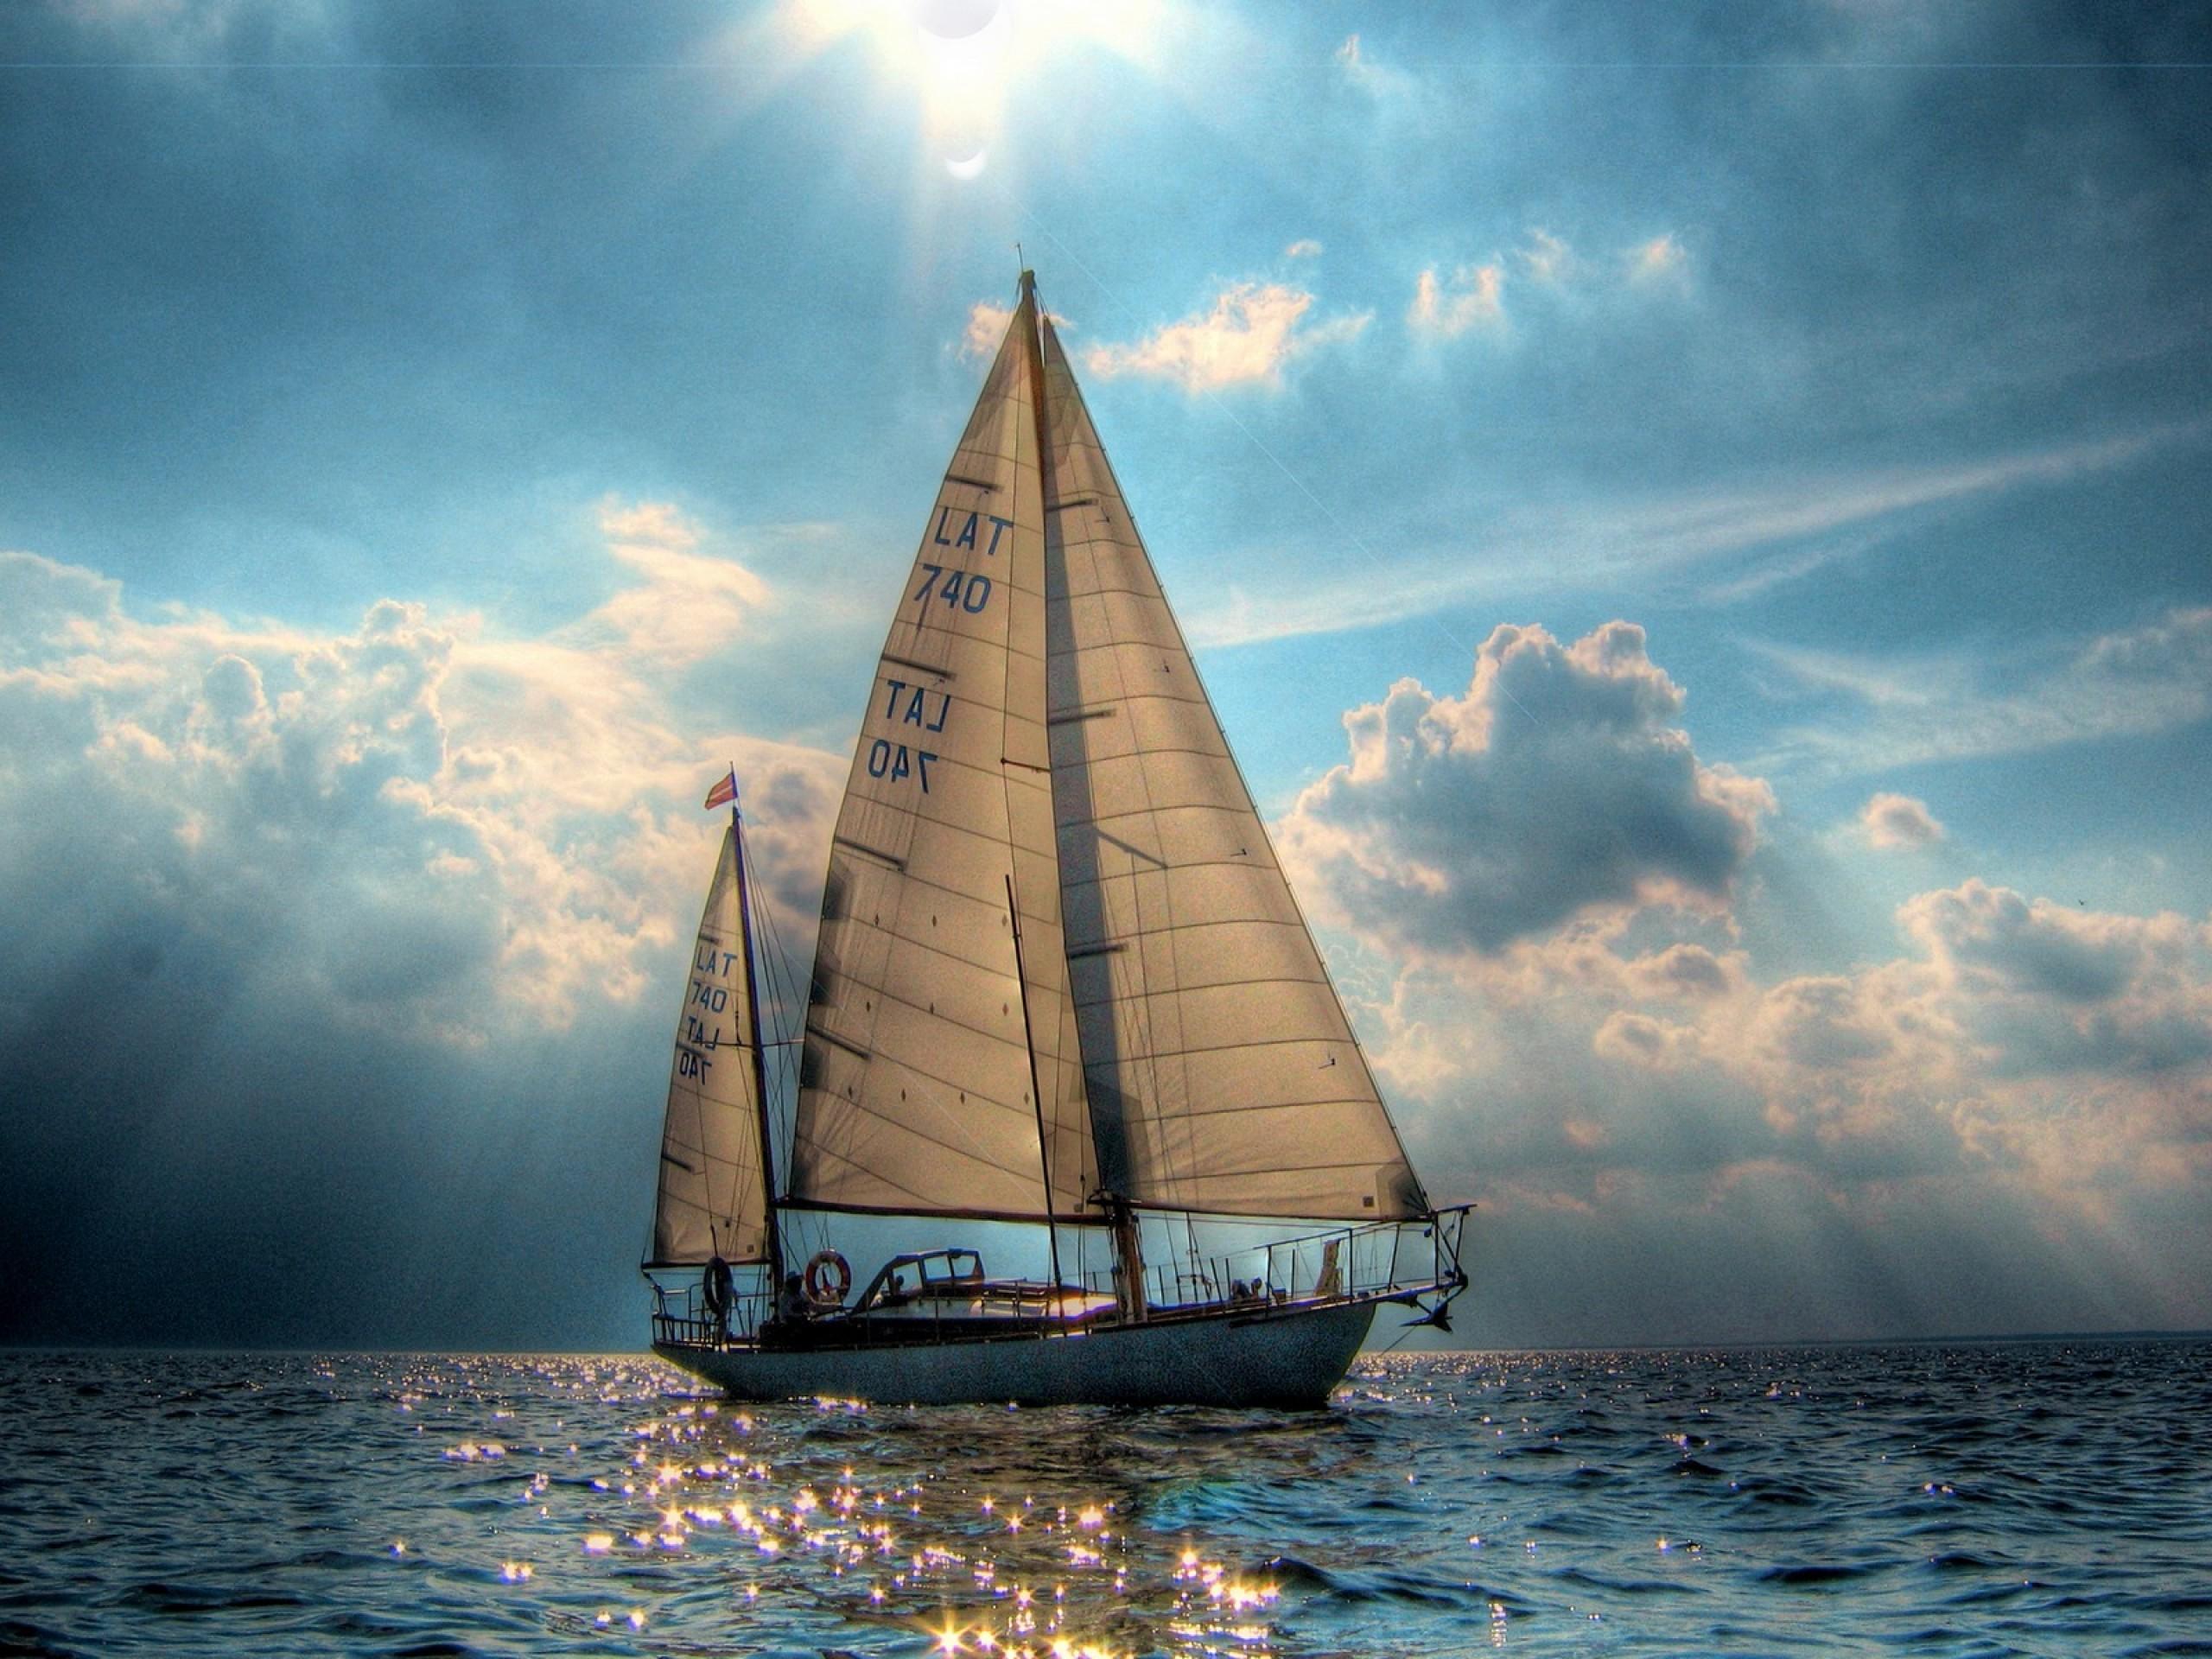 шхуны и лодки парусные